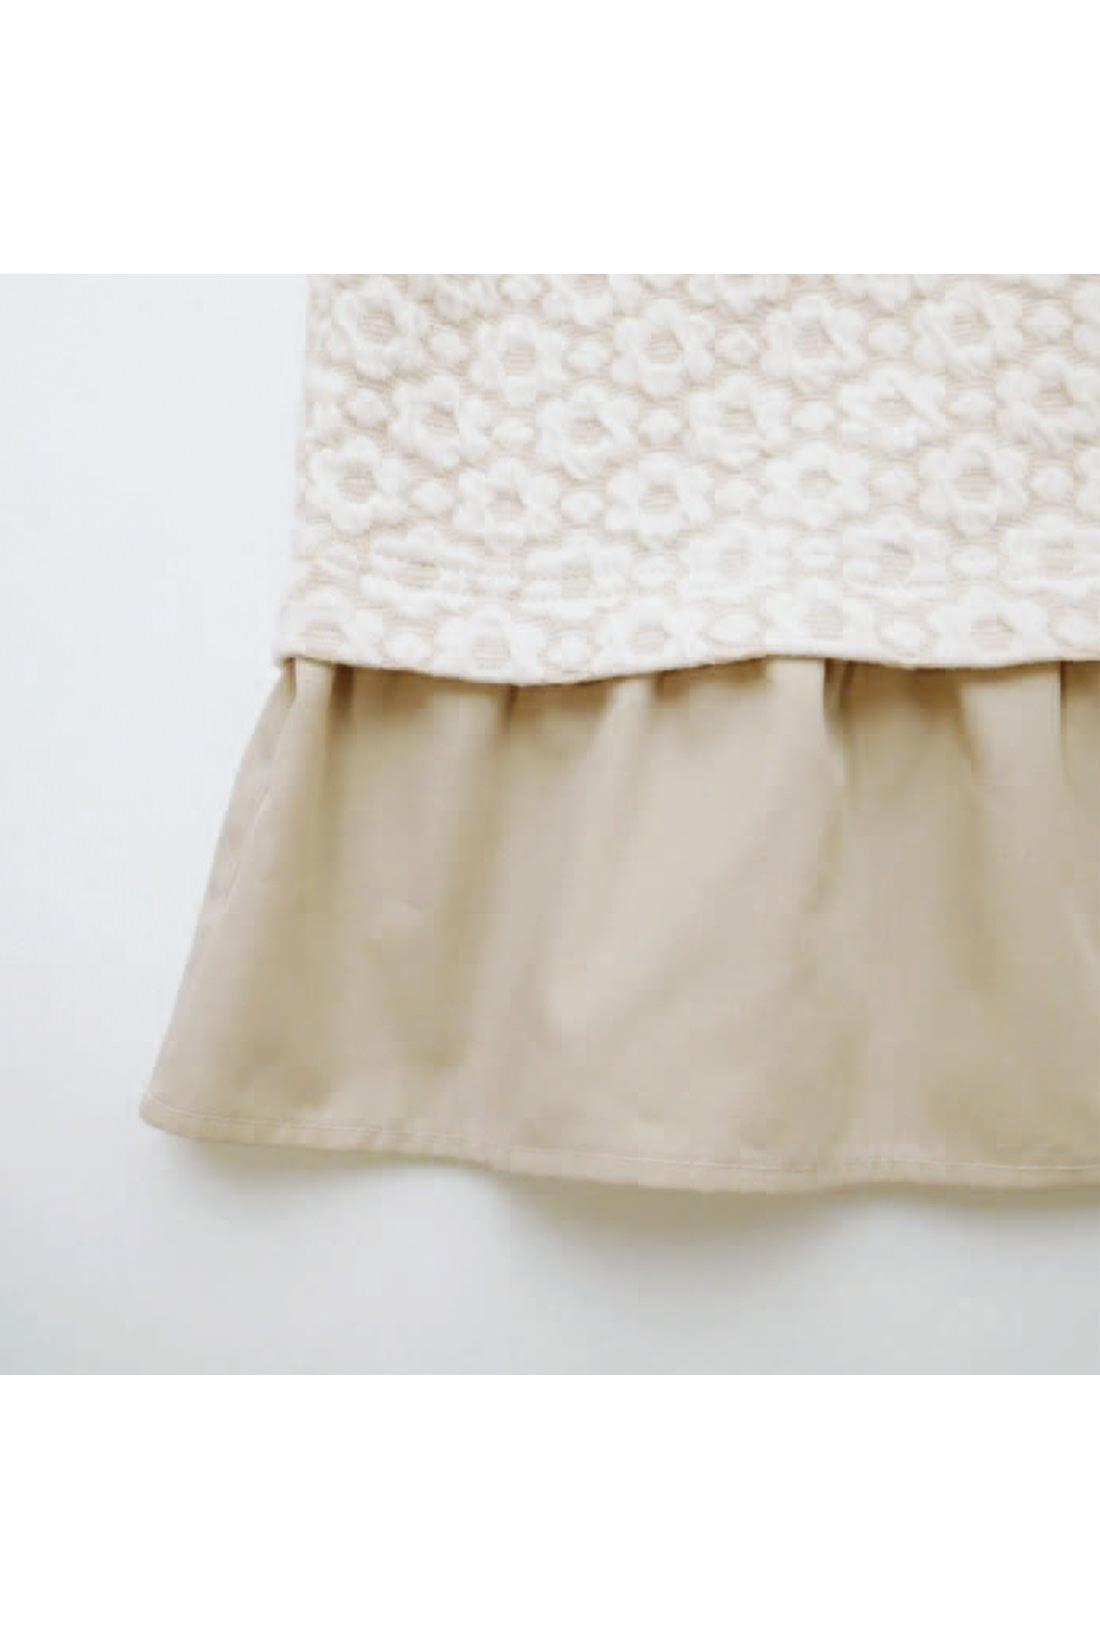 [衿とすそのフリルは。]布はく素材だから、本体がカットソーなのに、なんとなくきちんとした印象。